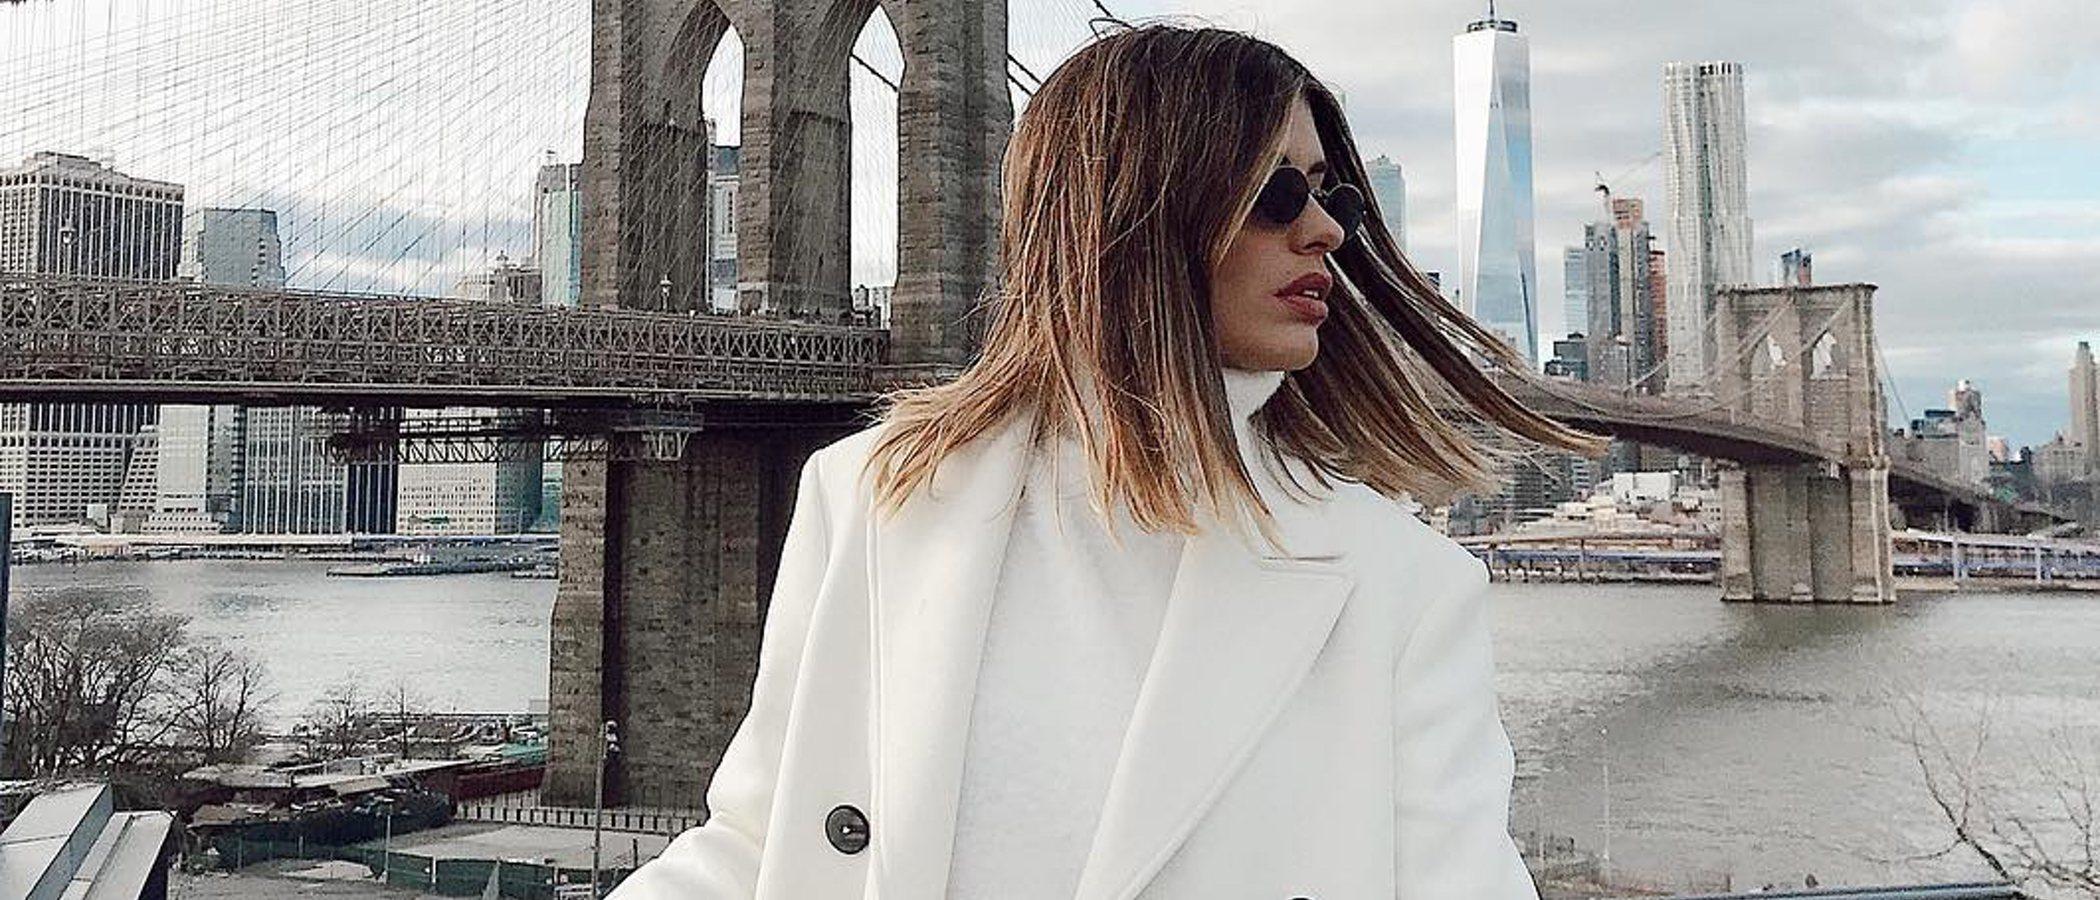 Cristina Pedroche, Dulceida y Bella Hadid, entre las mejor vestidas de la semana